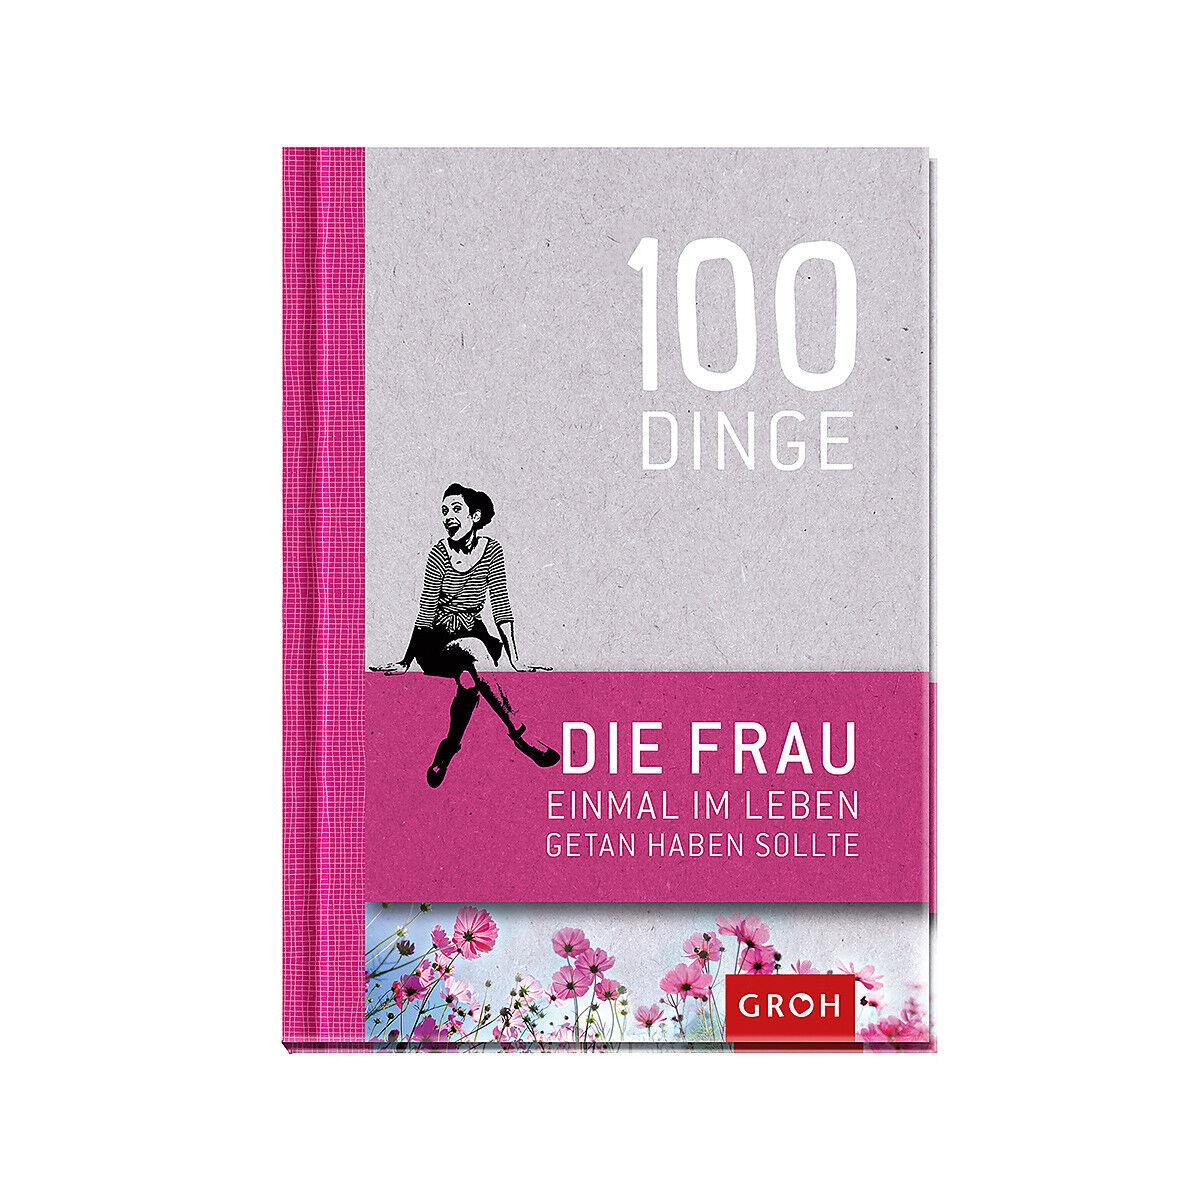 Buch 100 dinge die frau einmal im leben getan haben for Dinge die das leben vereinfachen